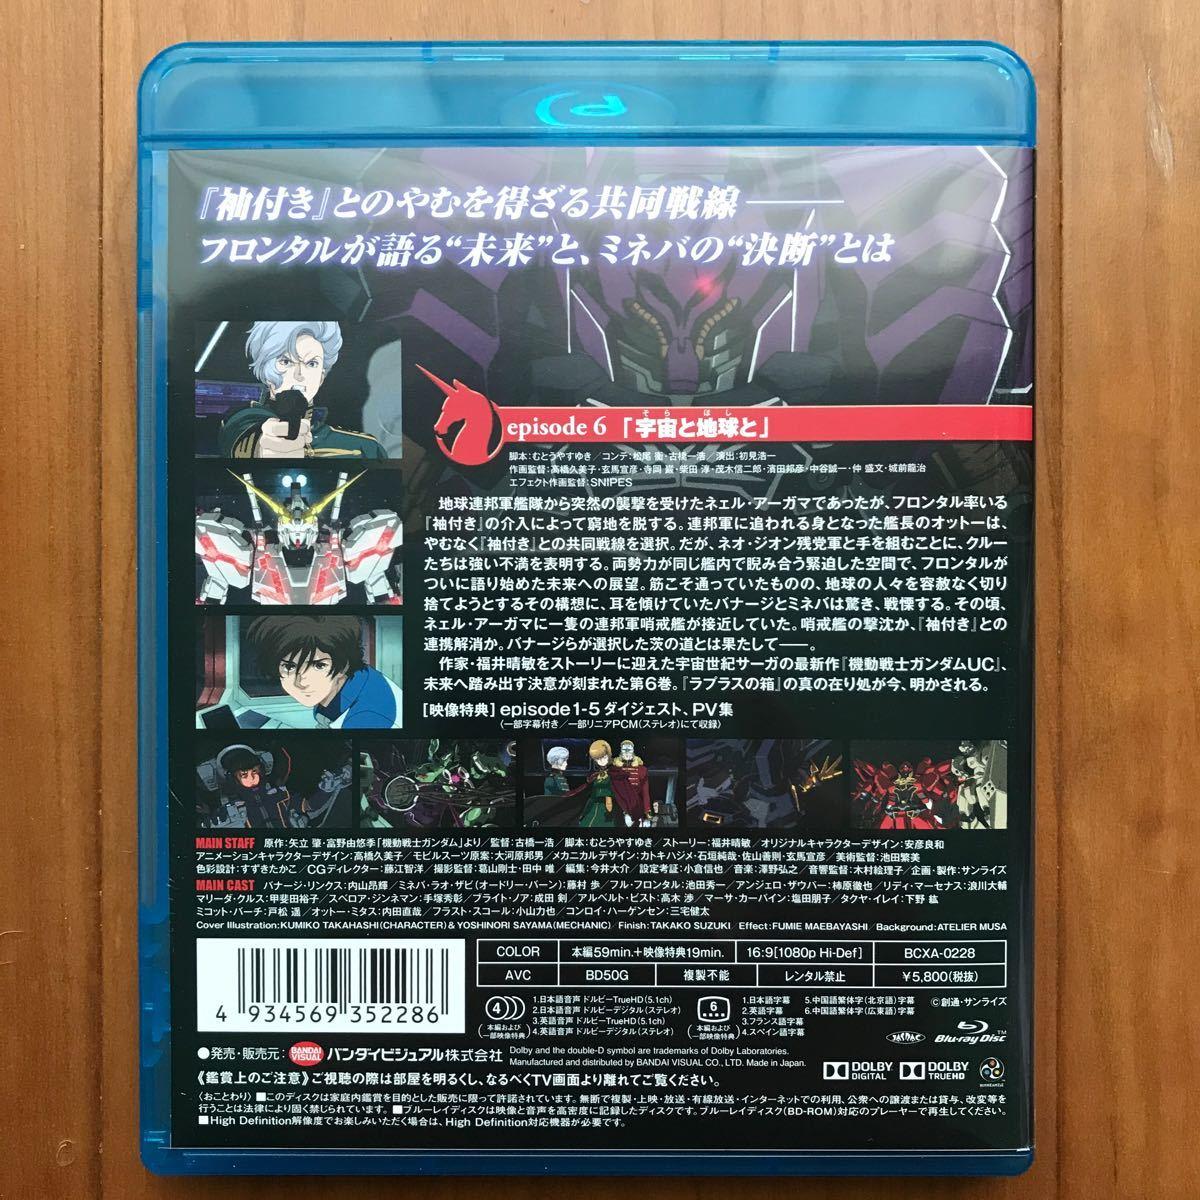 背が少し褪色【Blu-ray】機動戦士ガンダムUC〈6〉episode 6「宇宙と地球と」